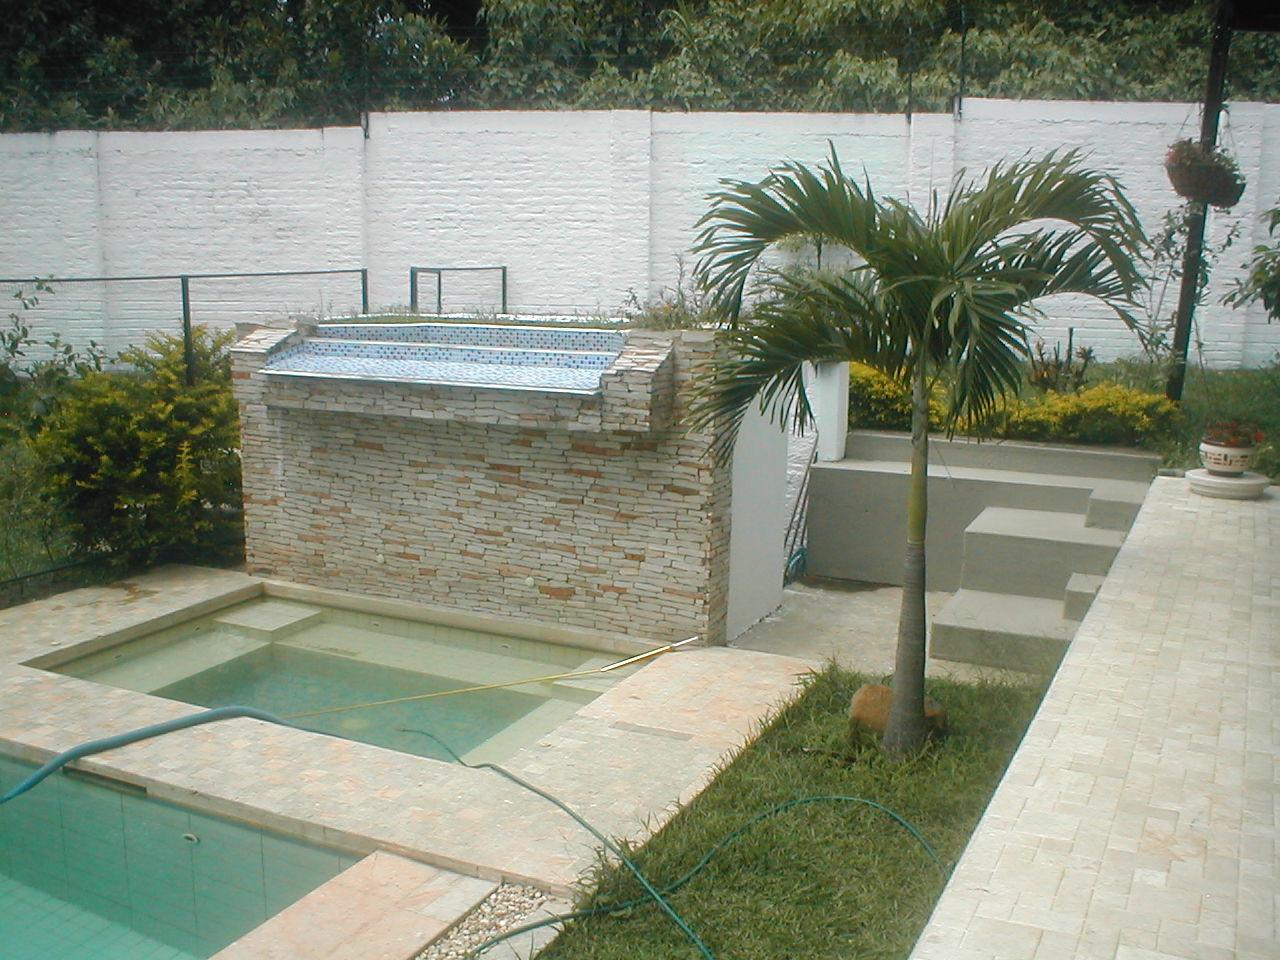 Vente maison de campagne cali valle del cauca colombie for Casa en ciudad jardin cali